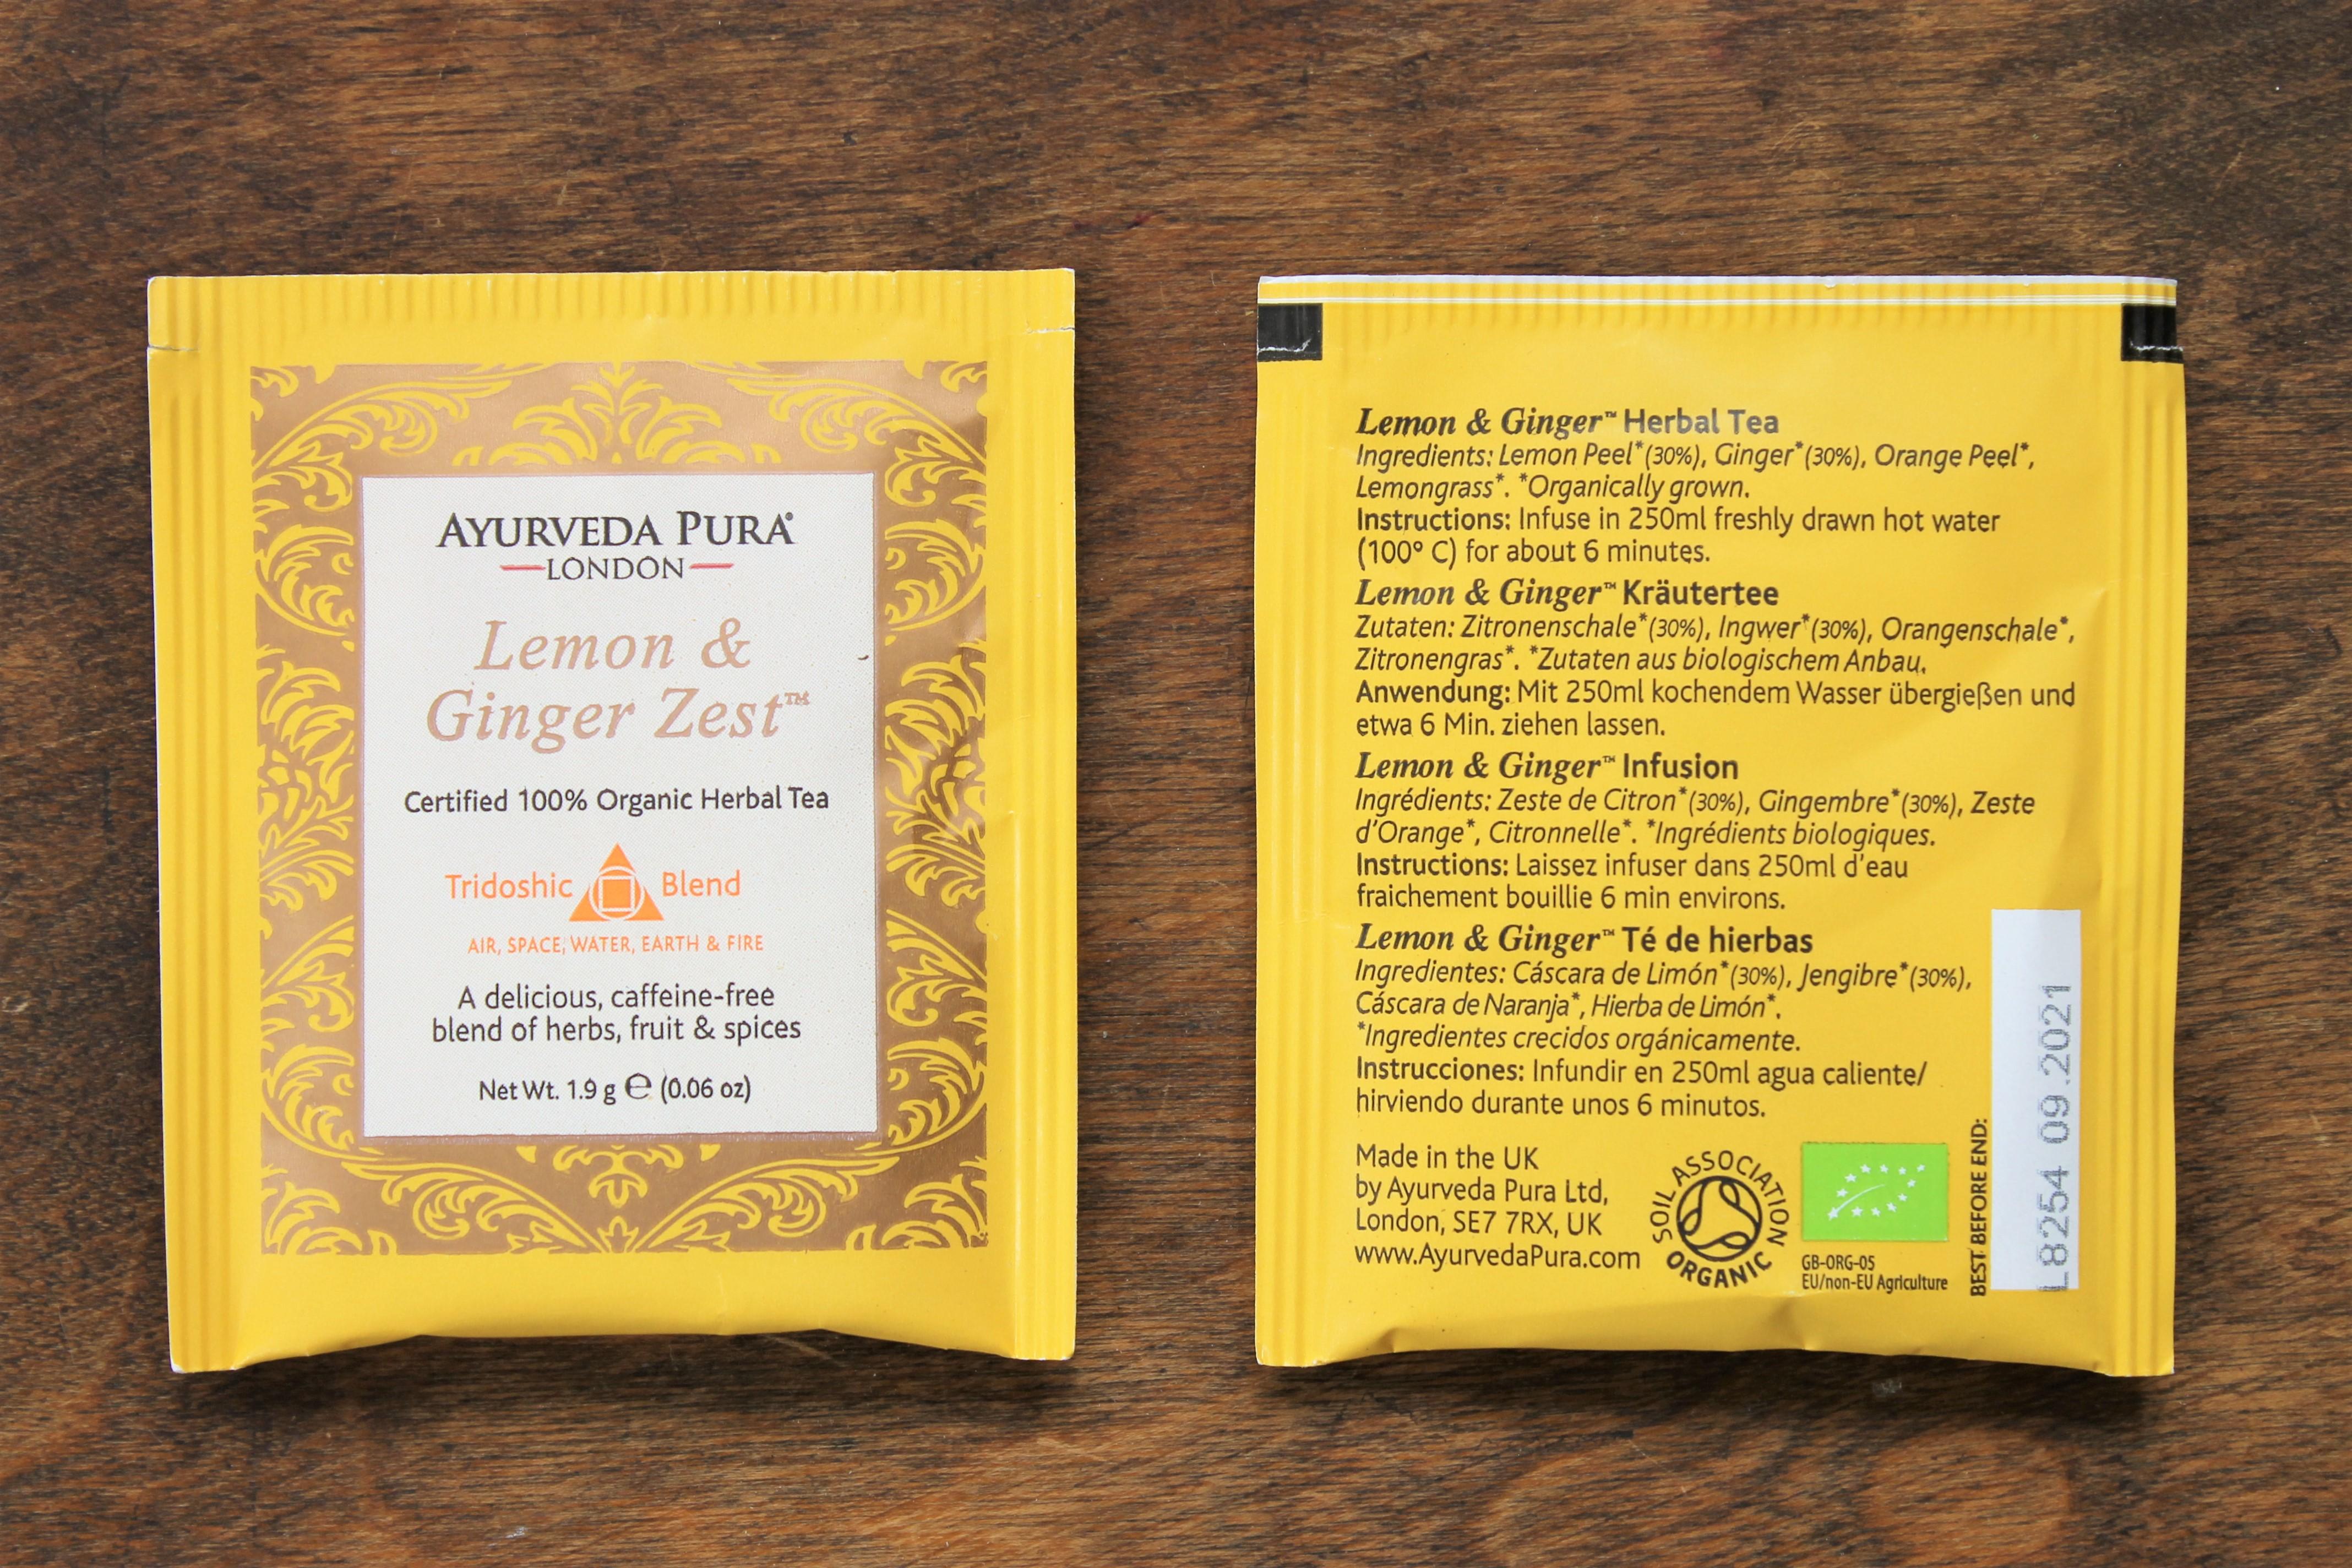 avurveda pura lemon ginger zest tea